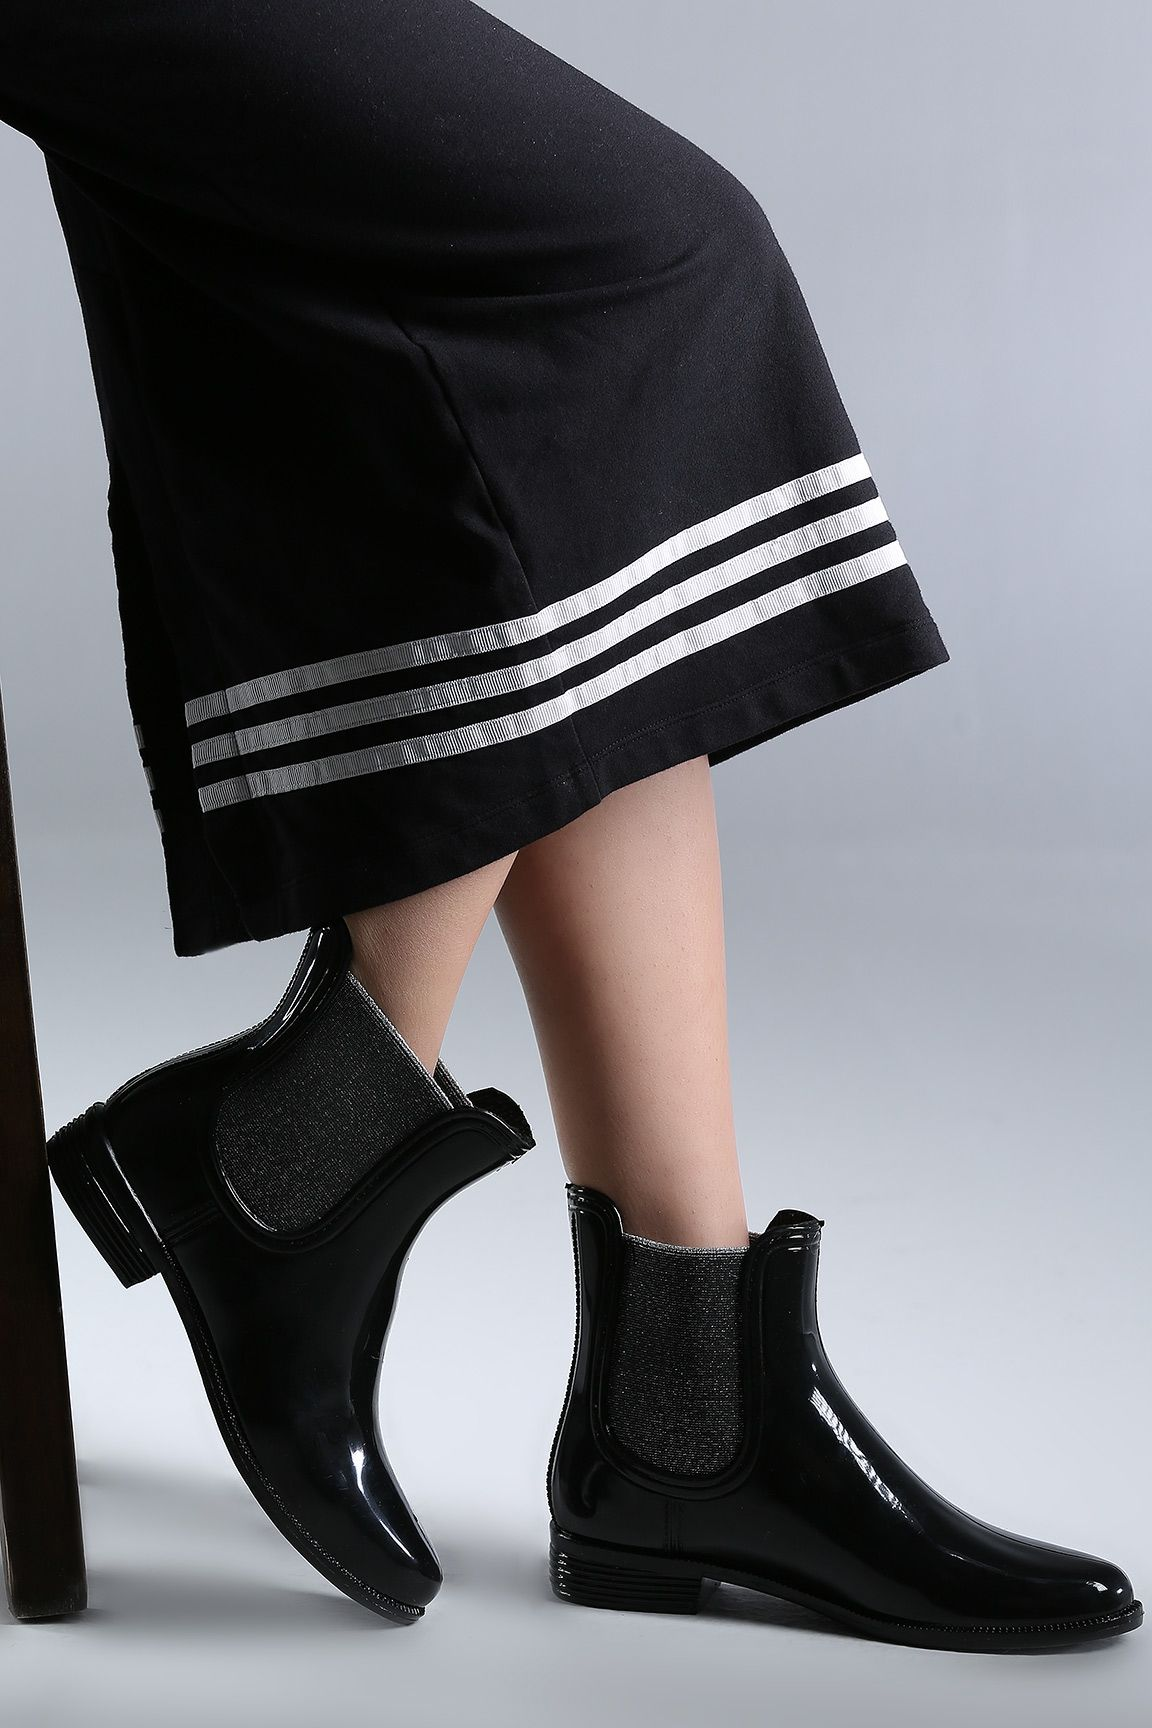 Siyahsimli Lastikli Bayan Bot Bot Ayakkabilar Cizmeler